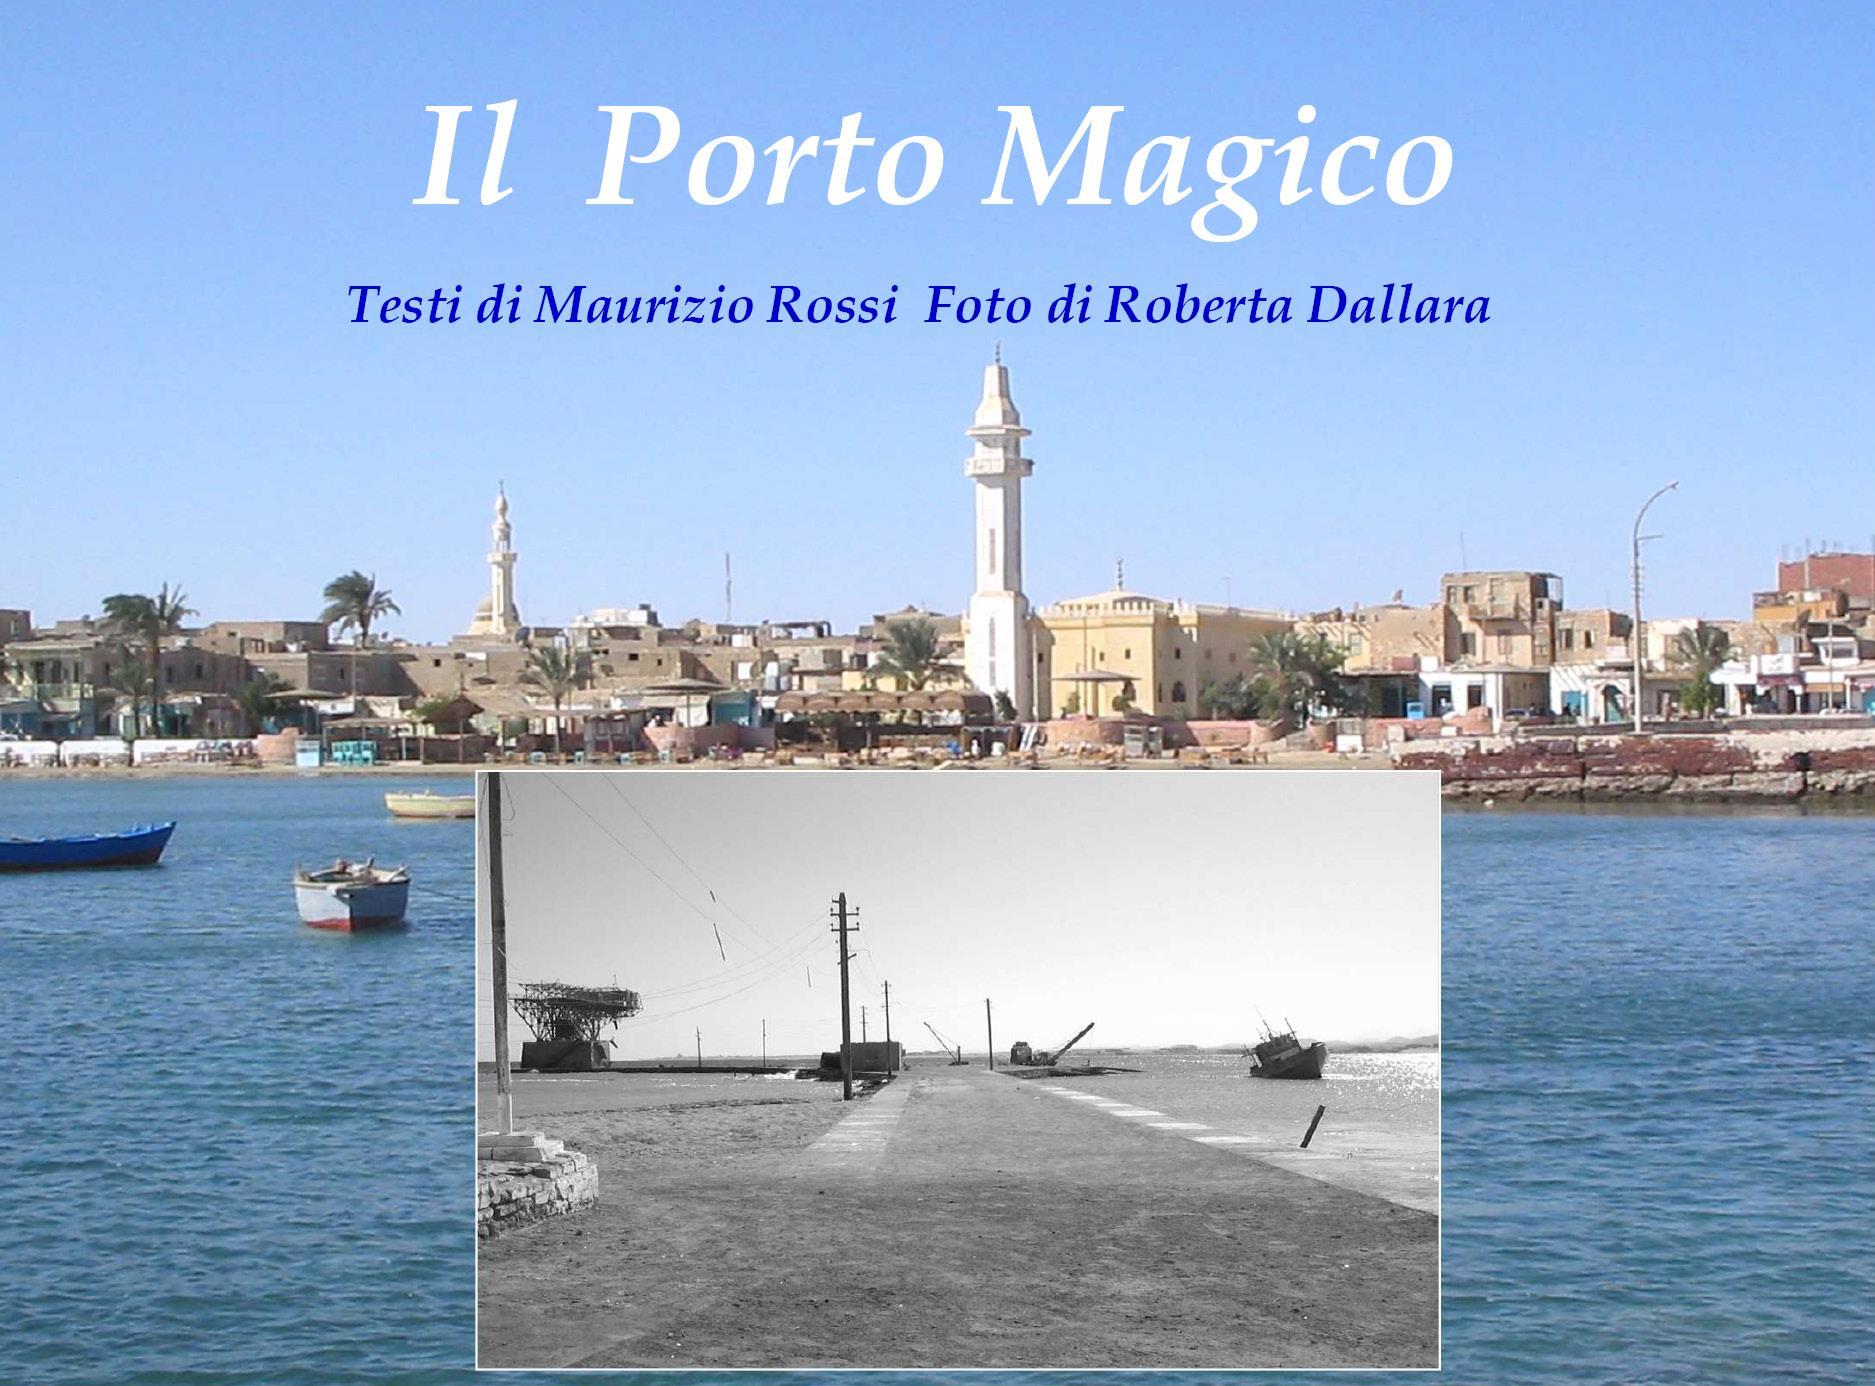 Il Porto Magico